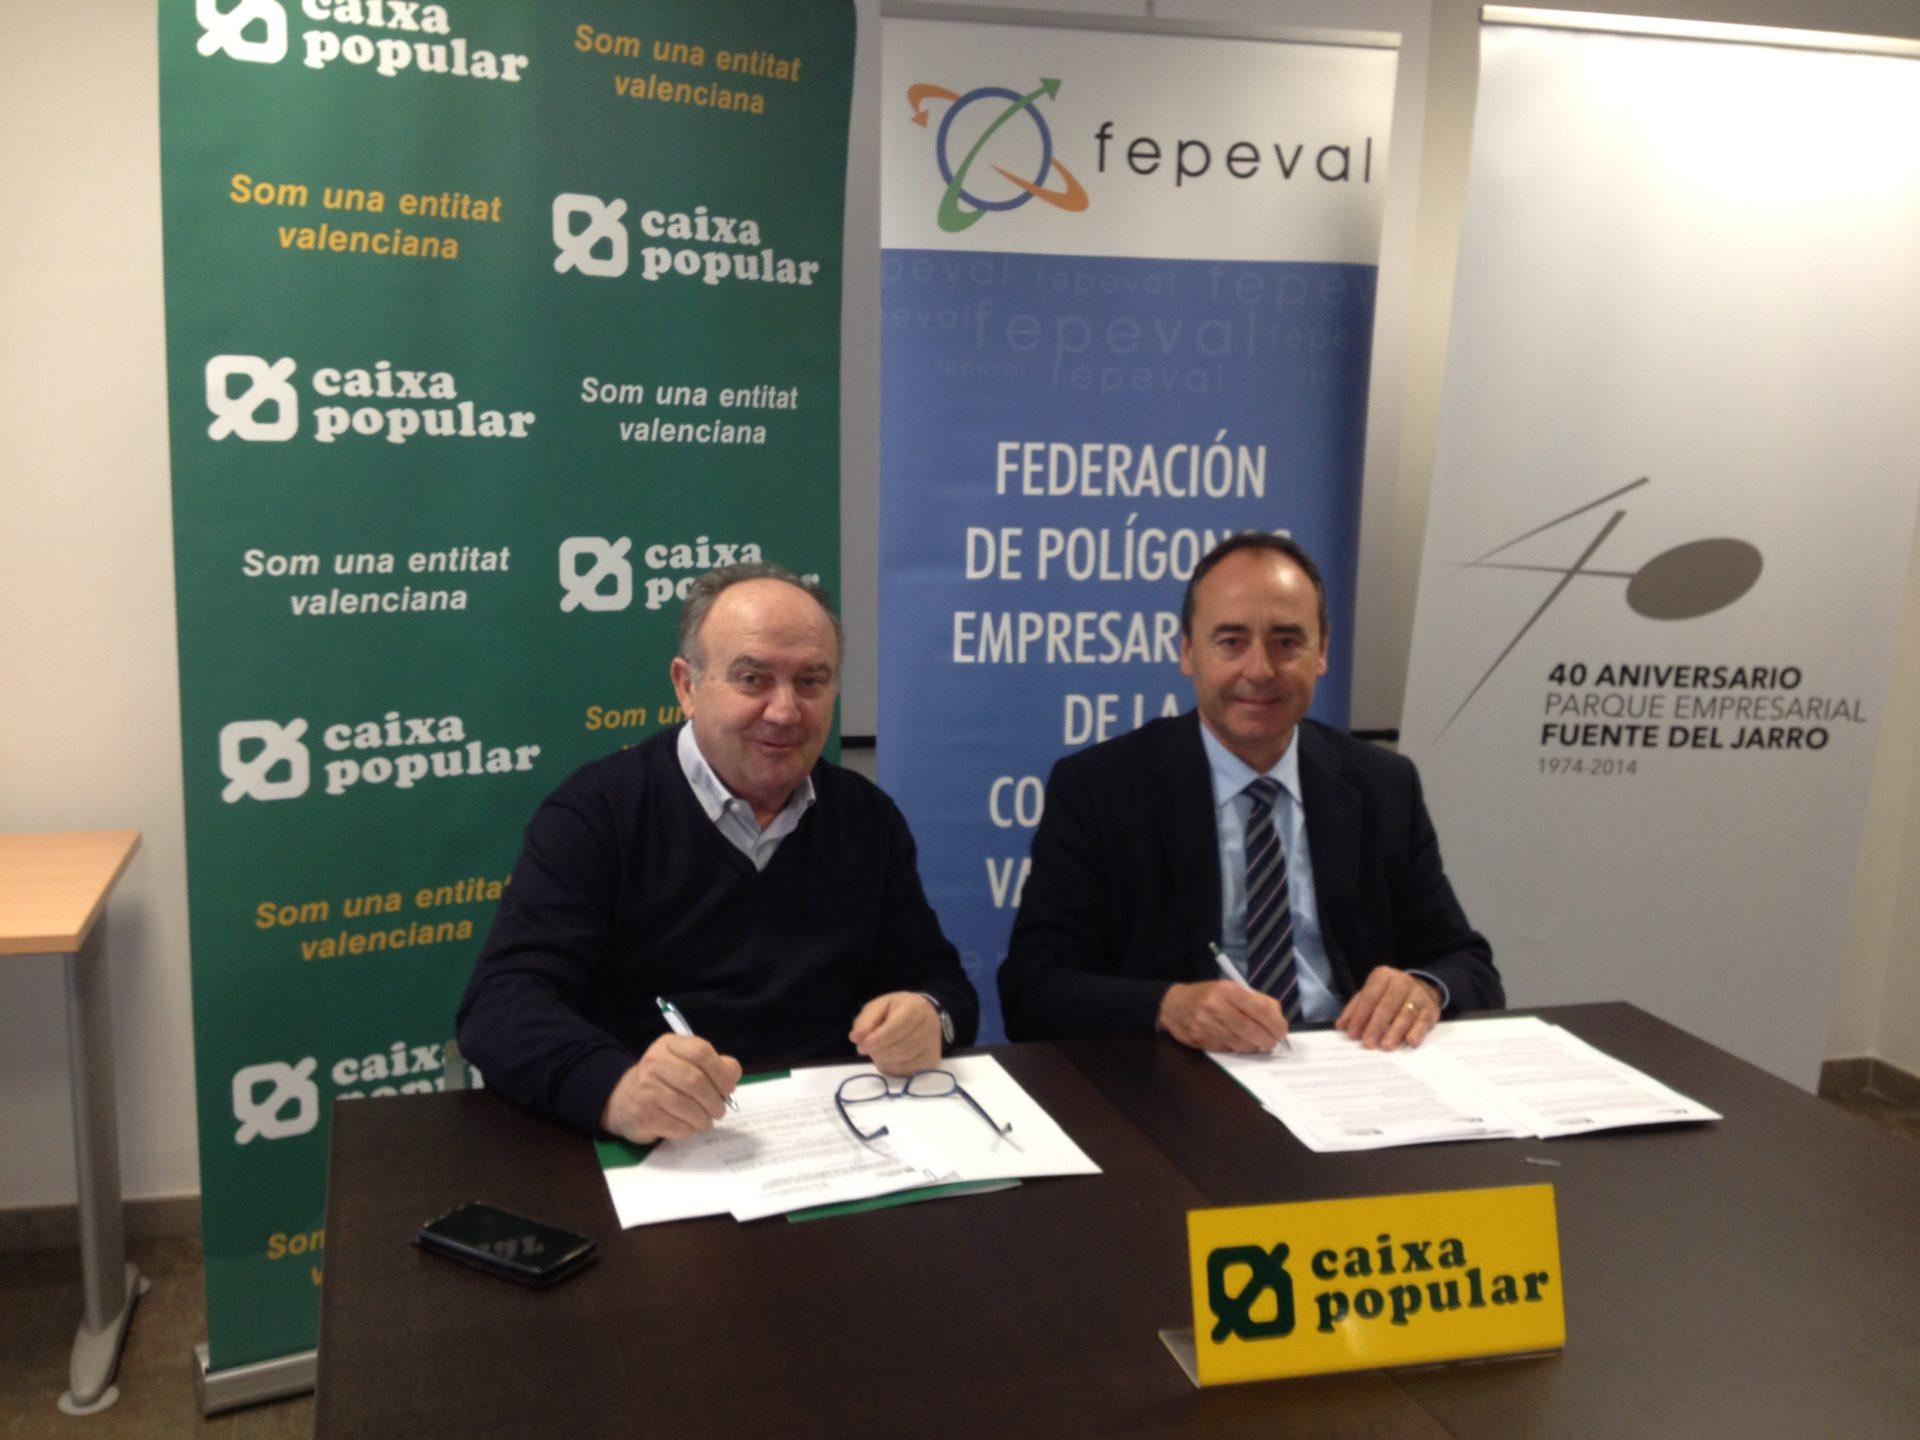 La Federación de Polígonos Empresariales de la Comunitat Valenciana y Caixa Popular renuevan su convenio de colaboración